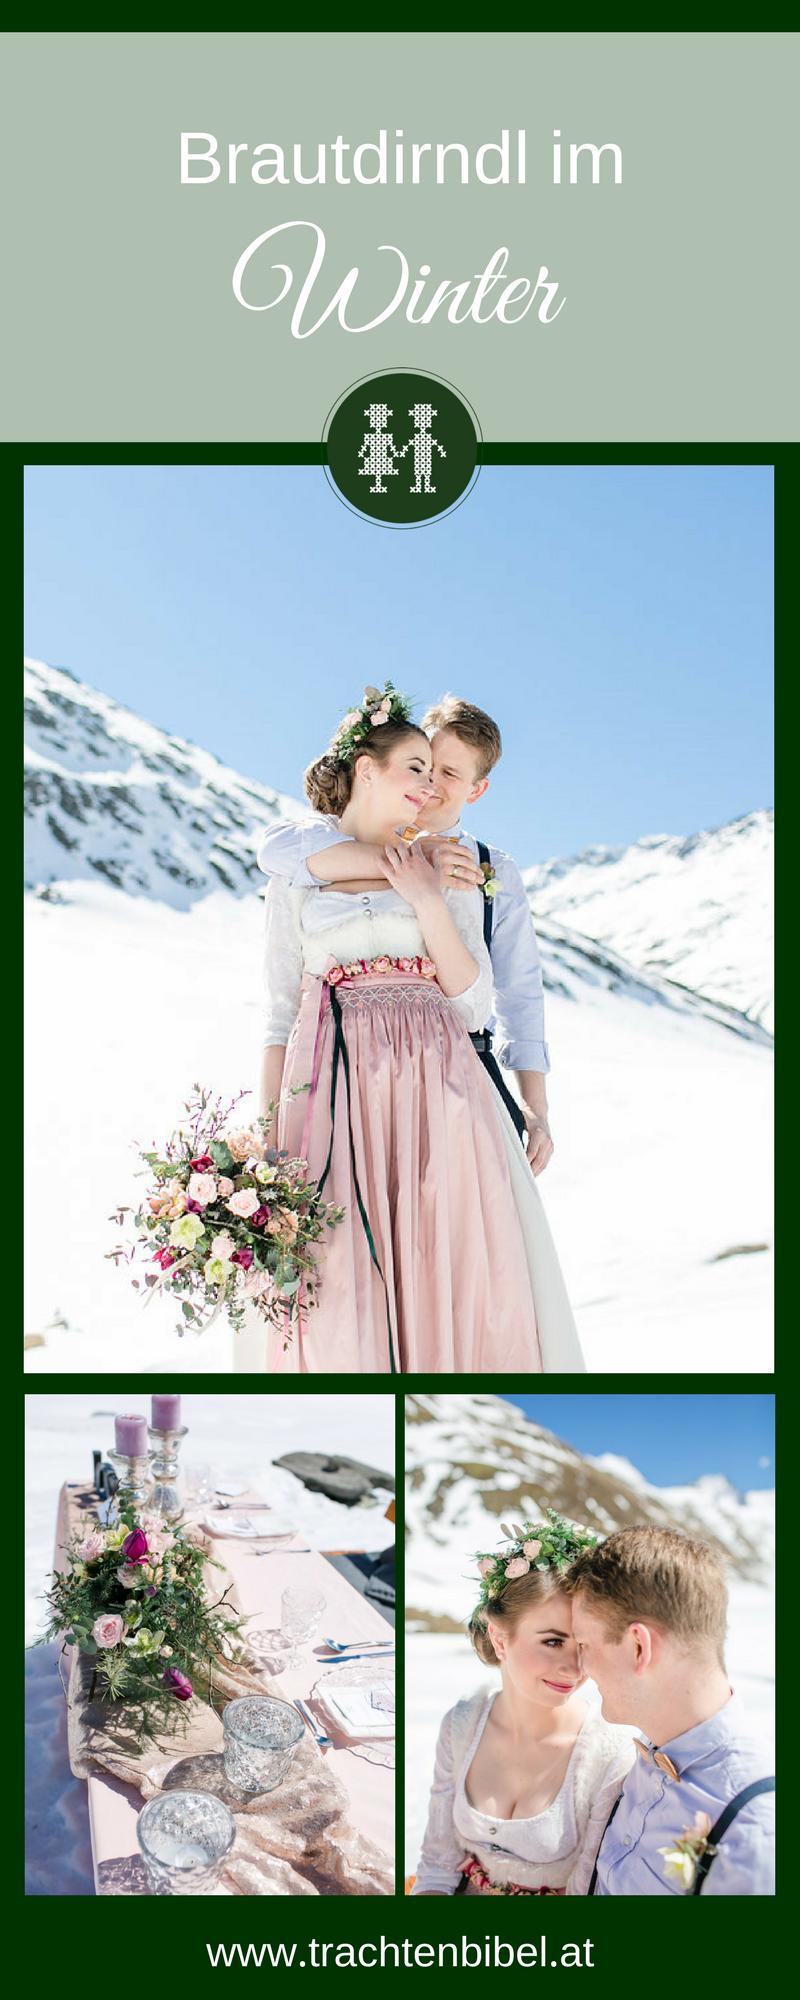 Ein Styled Shooting von einem Brautdirndl im Winter auf den Bergen. Tolle Bilder einer Trachtenhochzeit auf der Schönwieshütte. #trachtenhochzeit #hochzeit #wedding